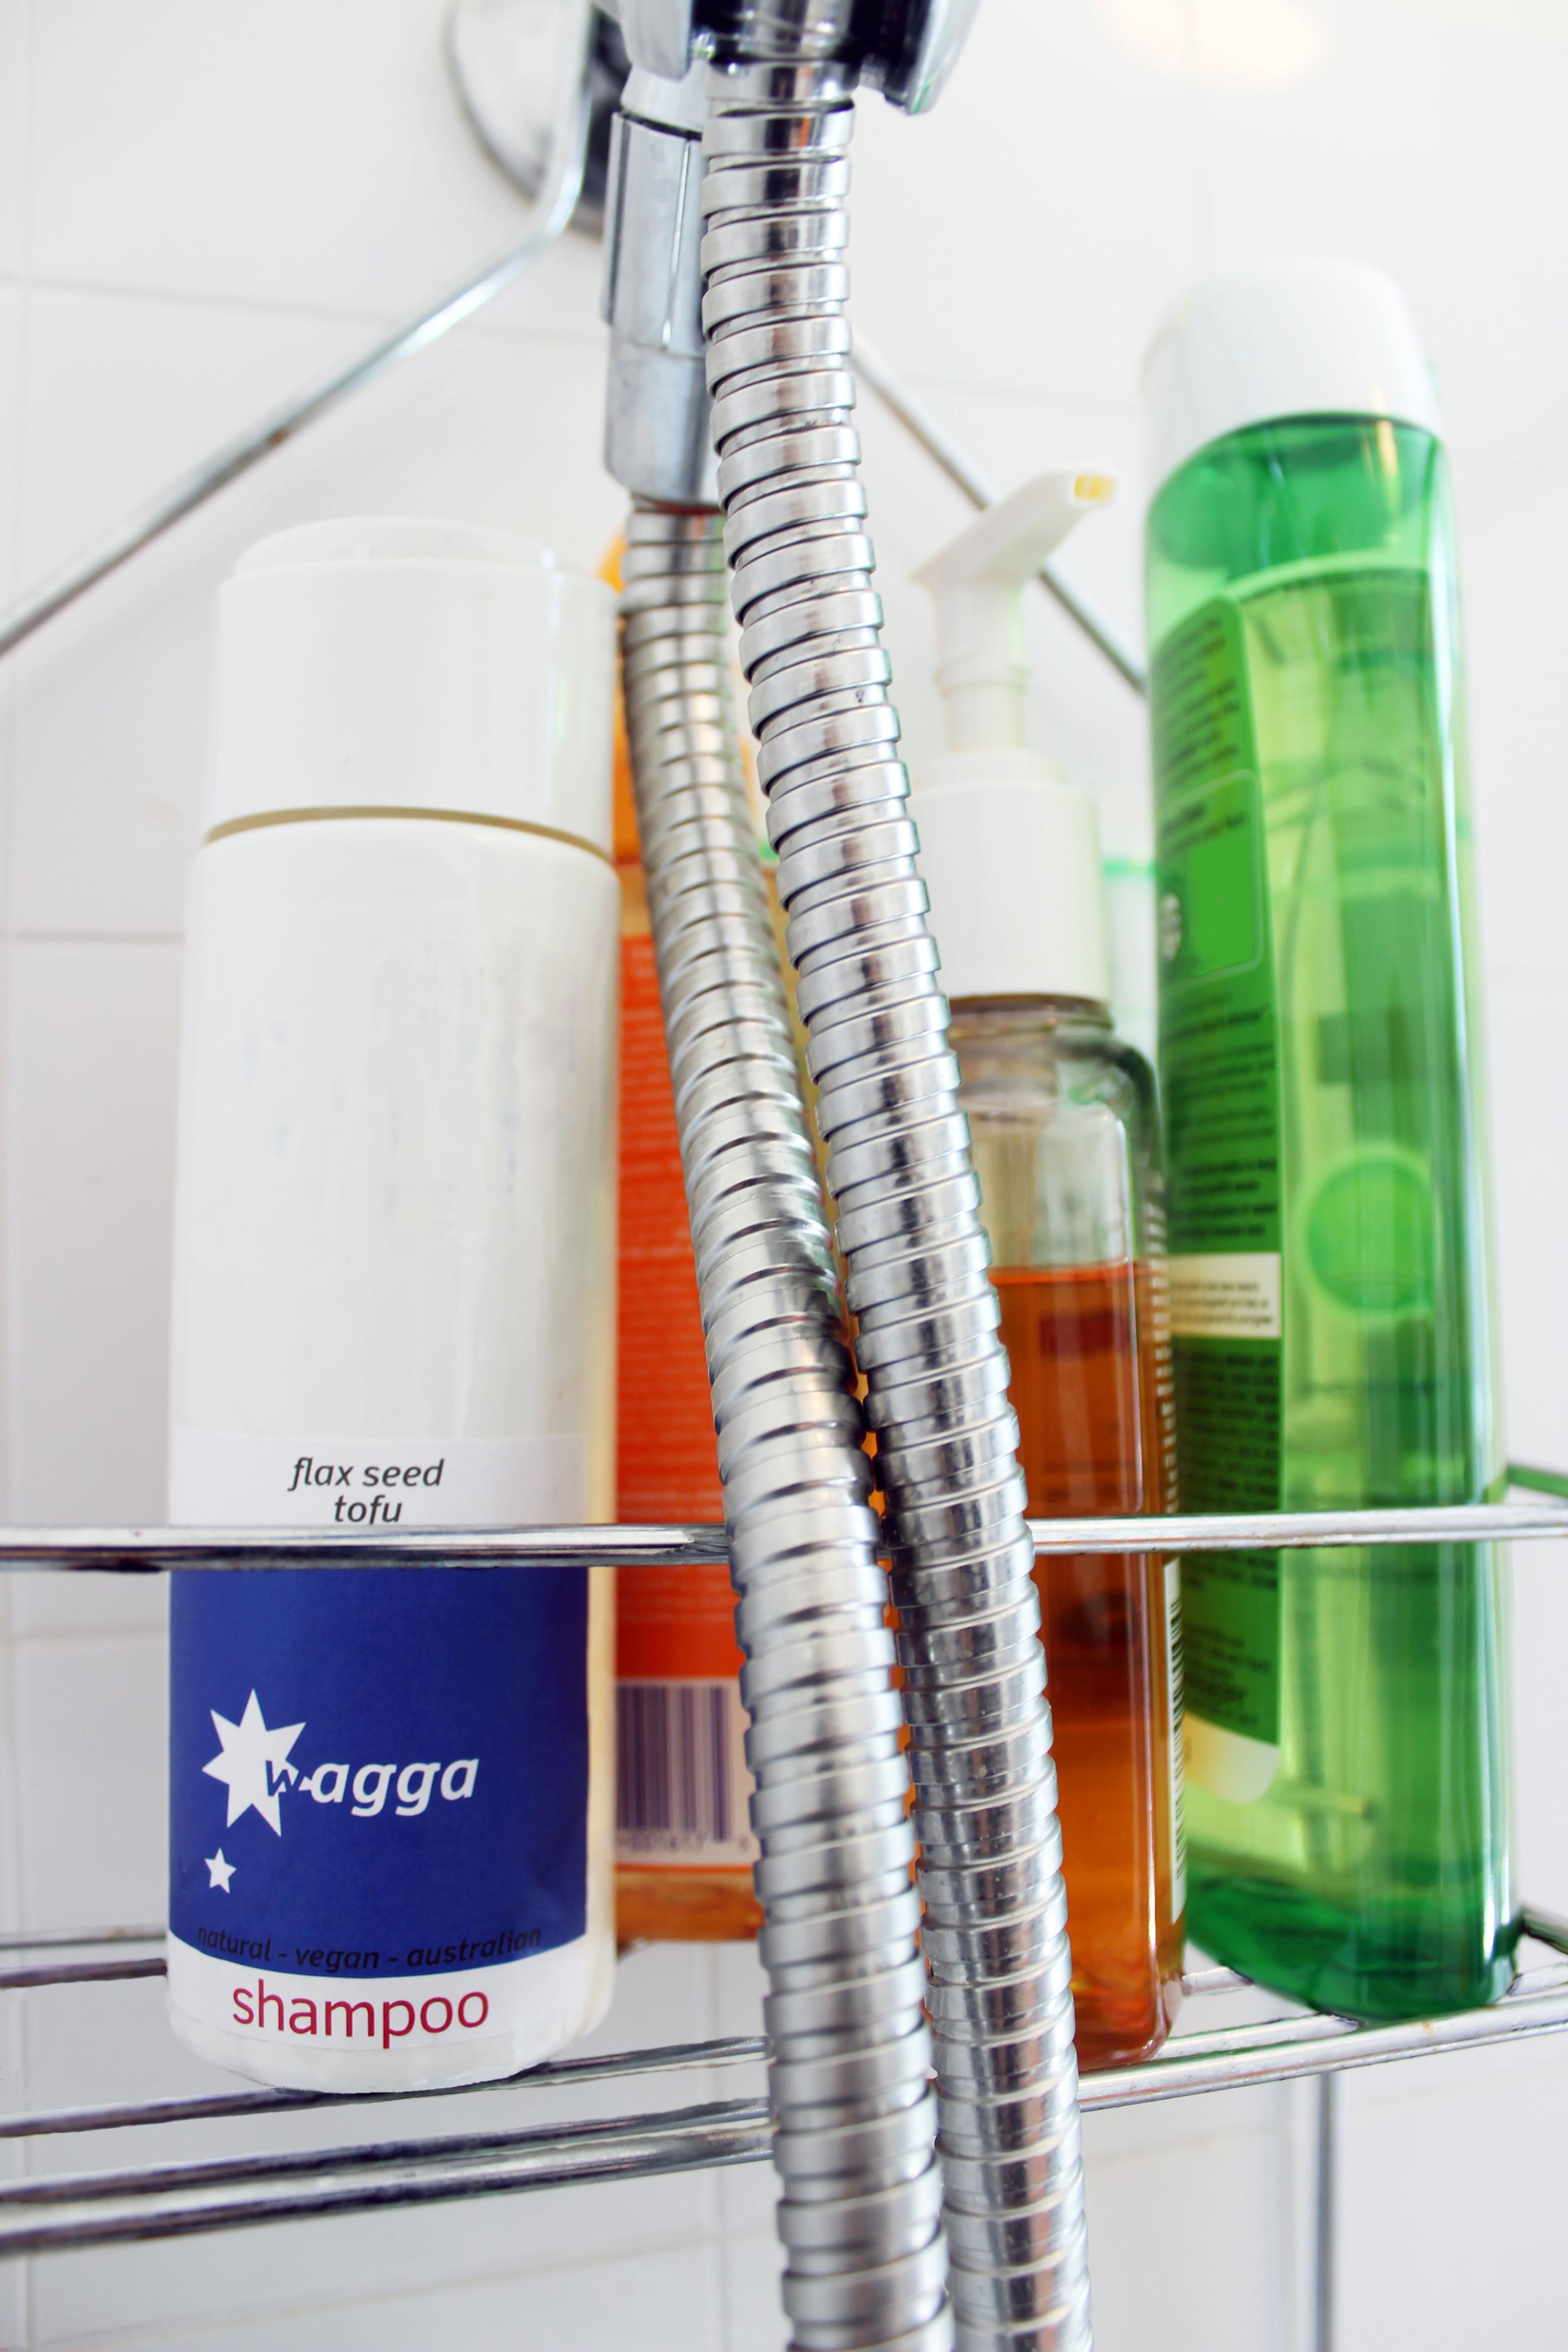 ShampooShailongcreative.com